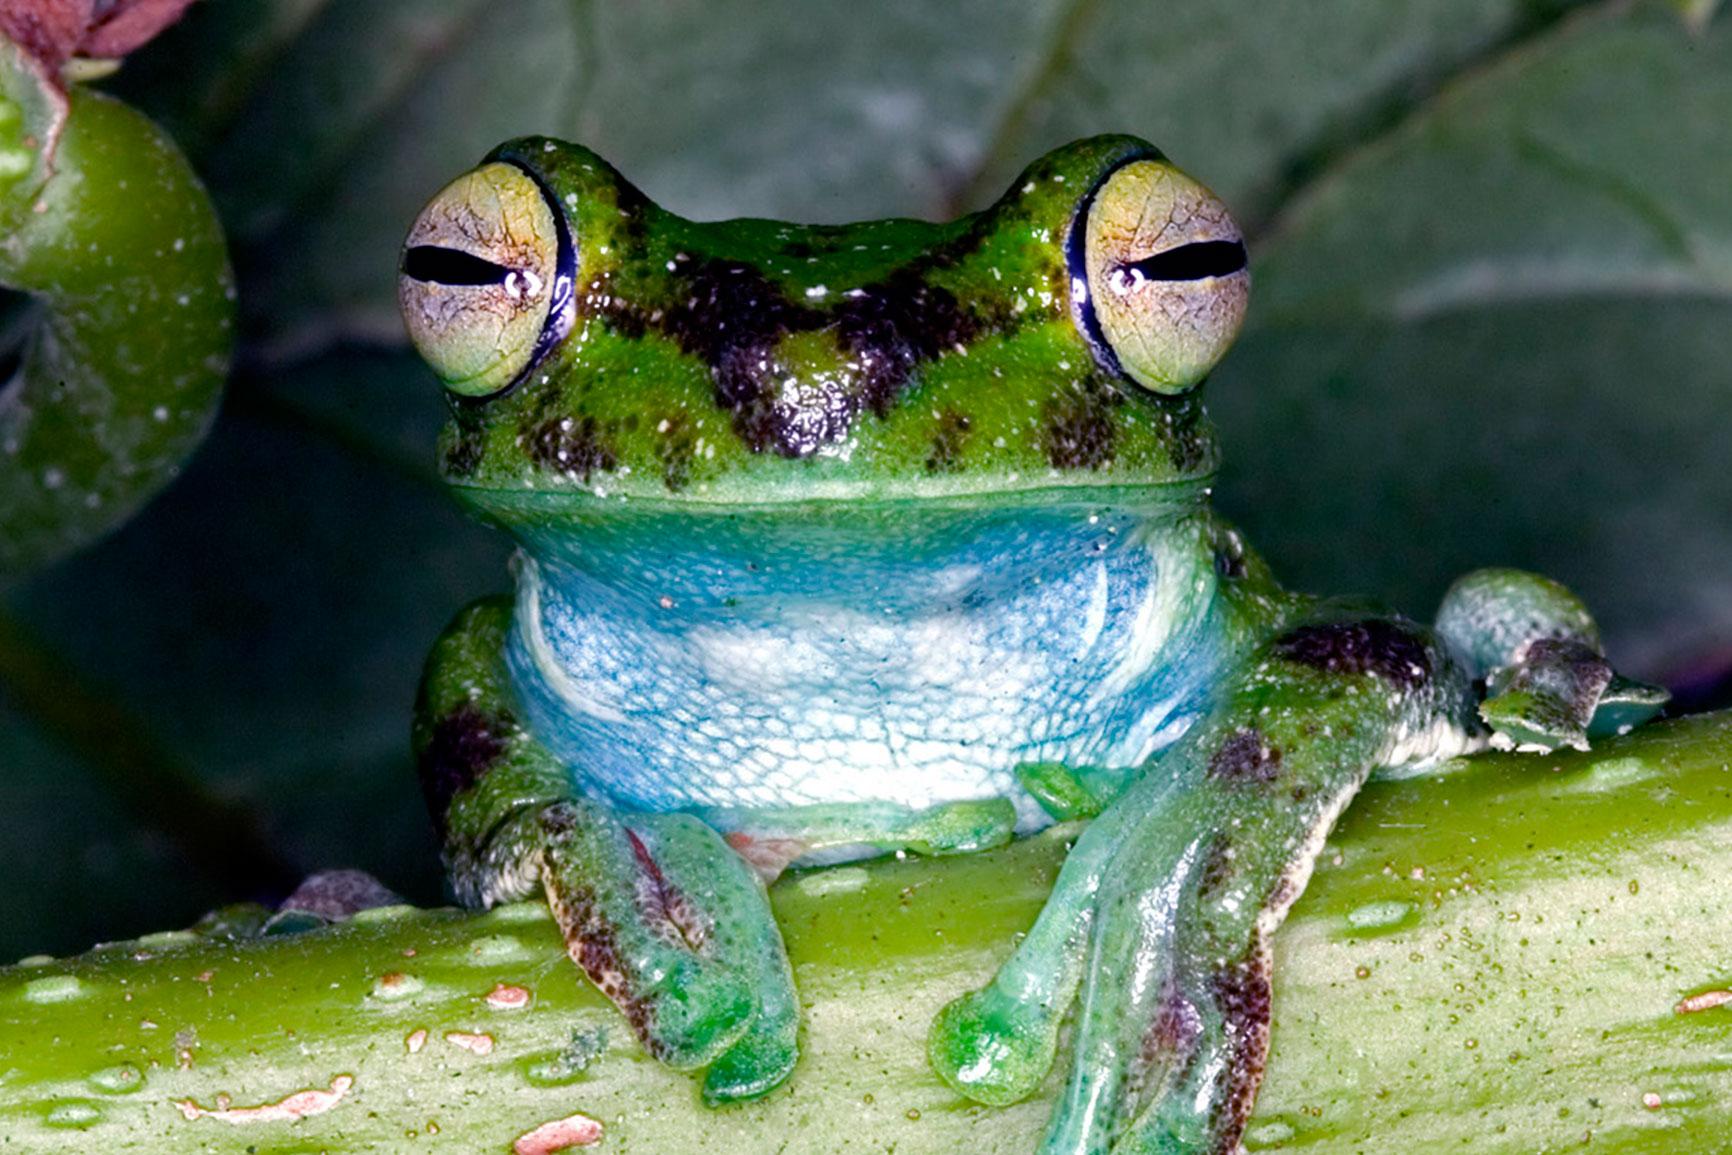 actividades-concierto-de-ranas-mindo-frogconcert-lugares-exoticos-en-ecuador